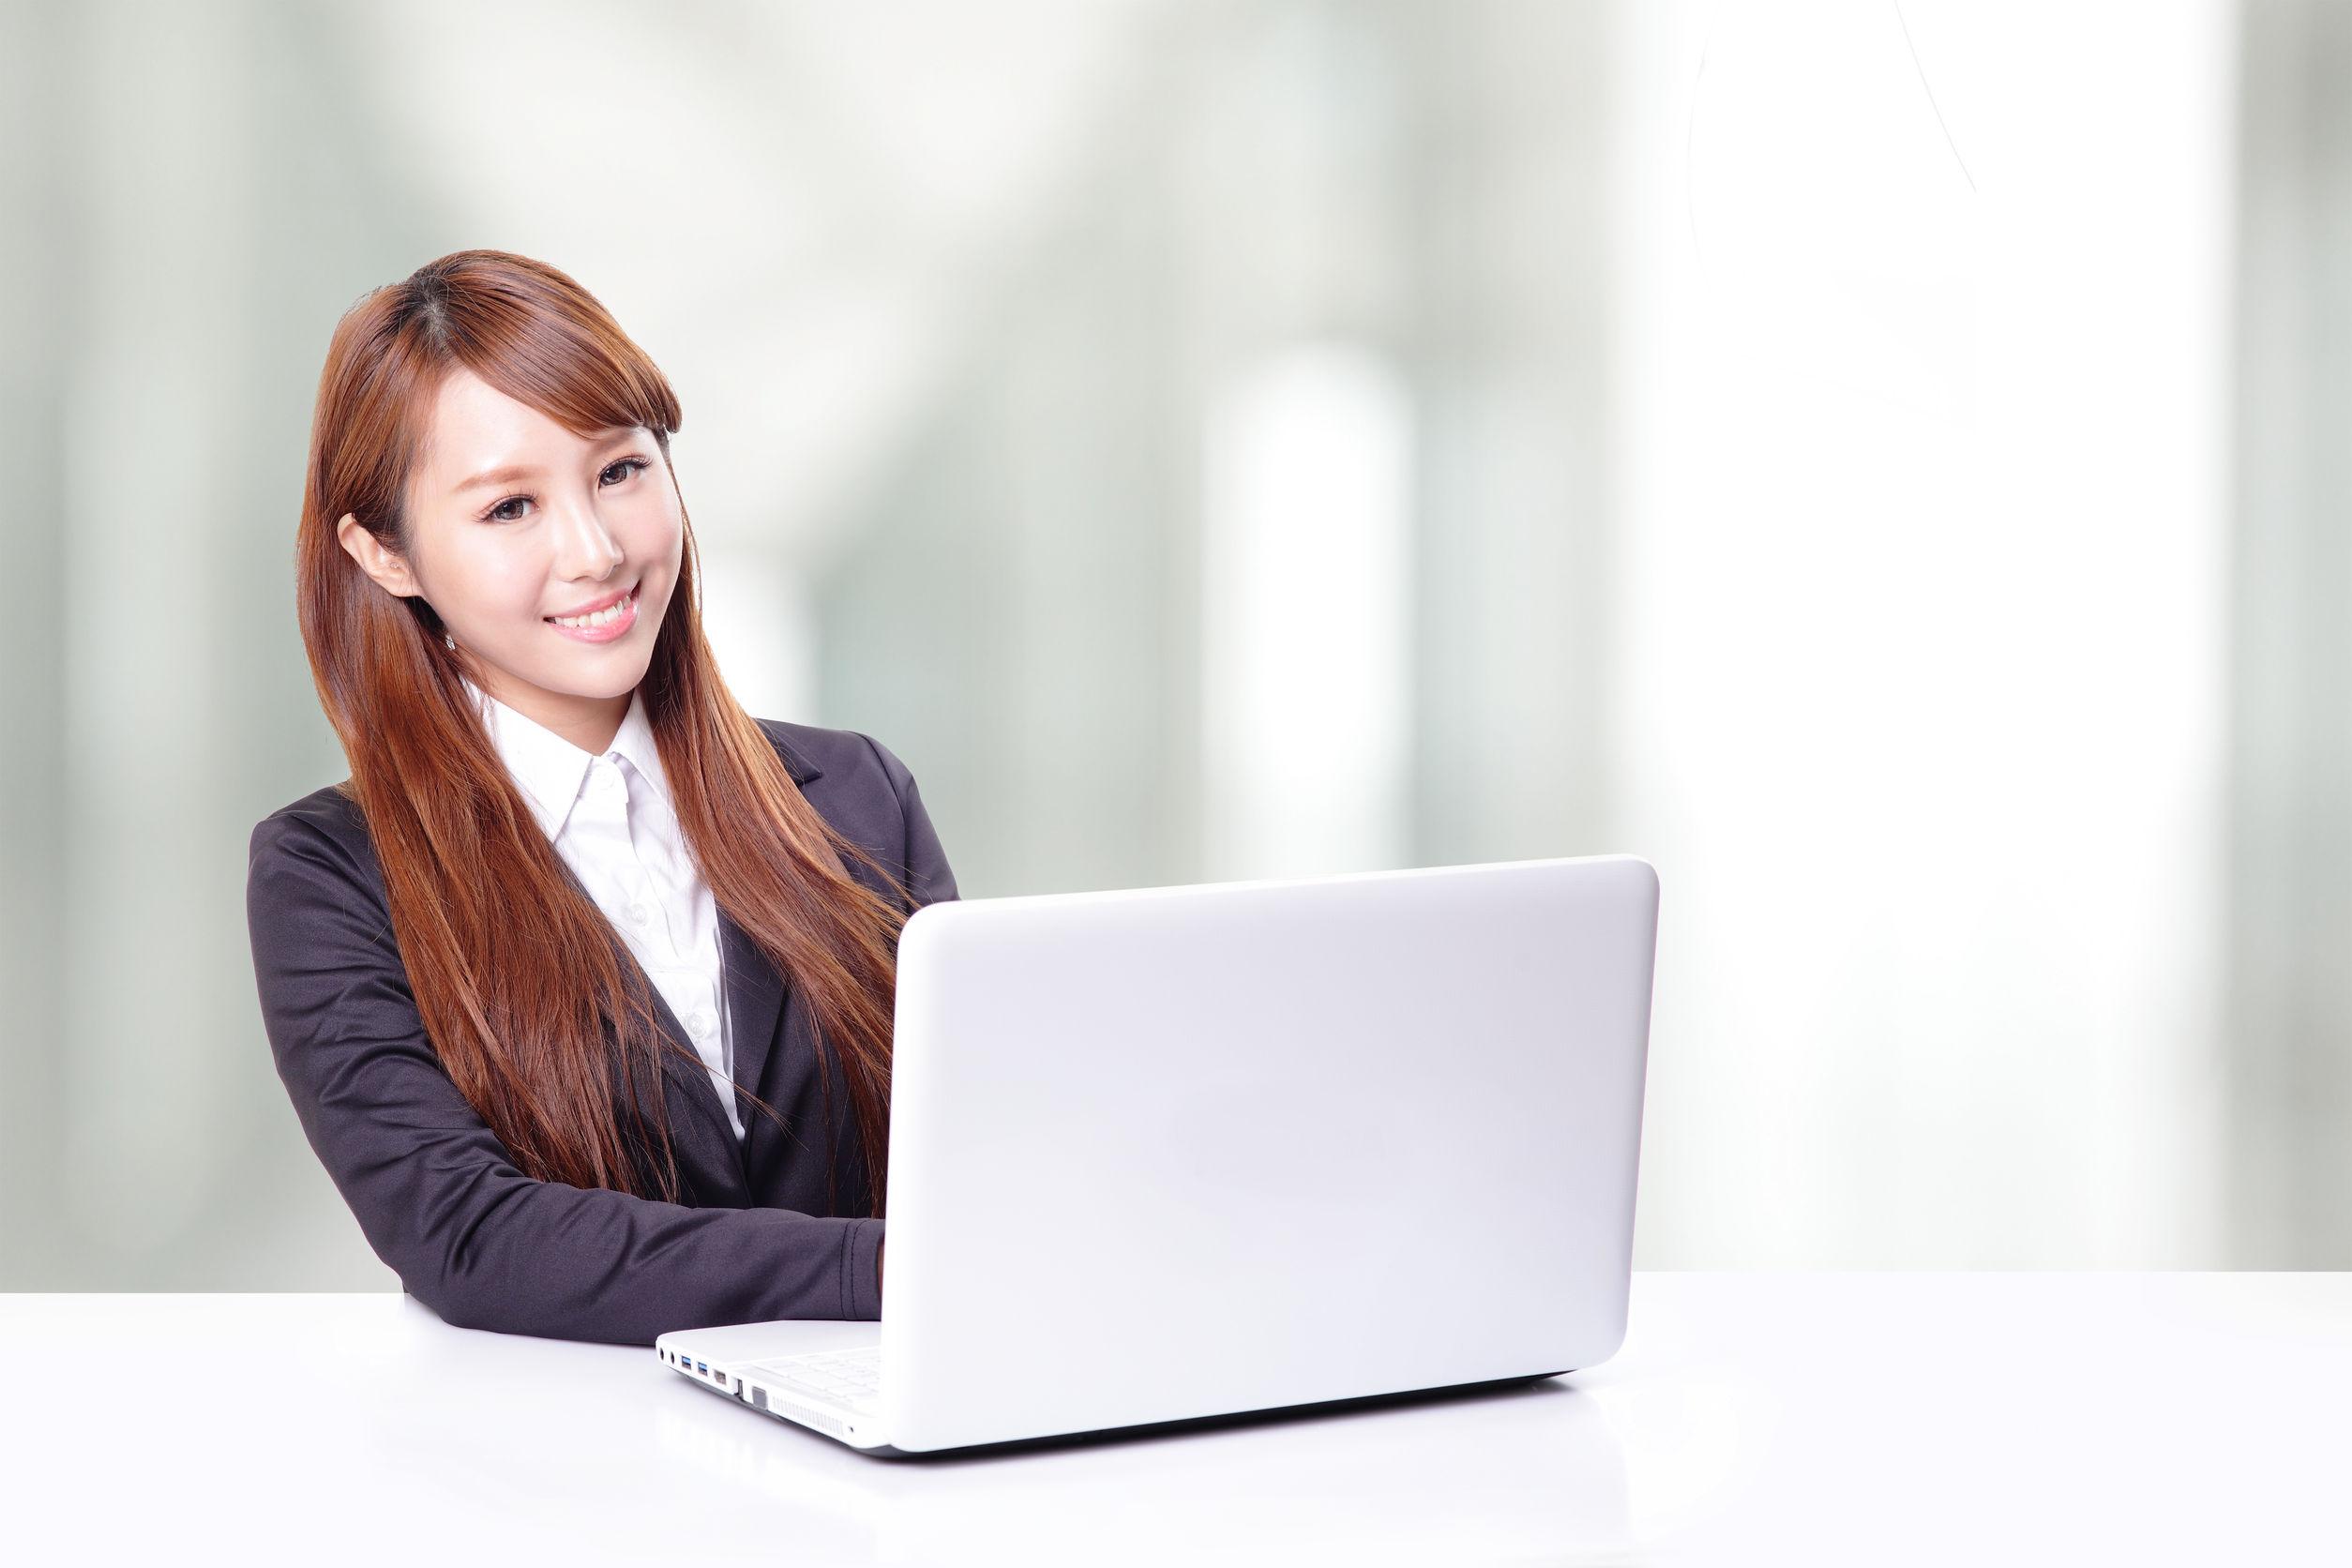 國立清華大學人文社會學院學士班個人申請面試20200418|Ah yeah-升學面試